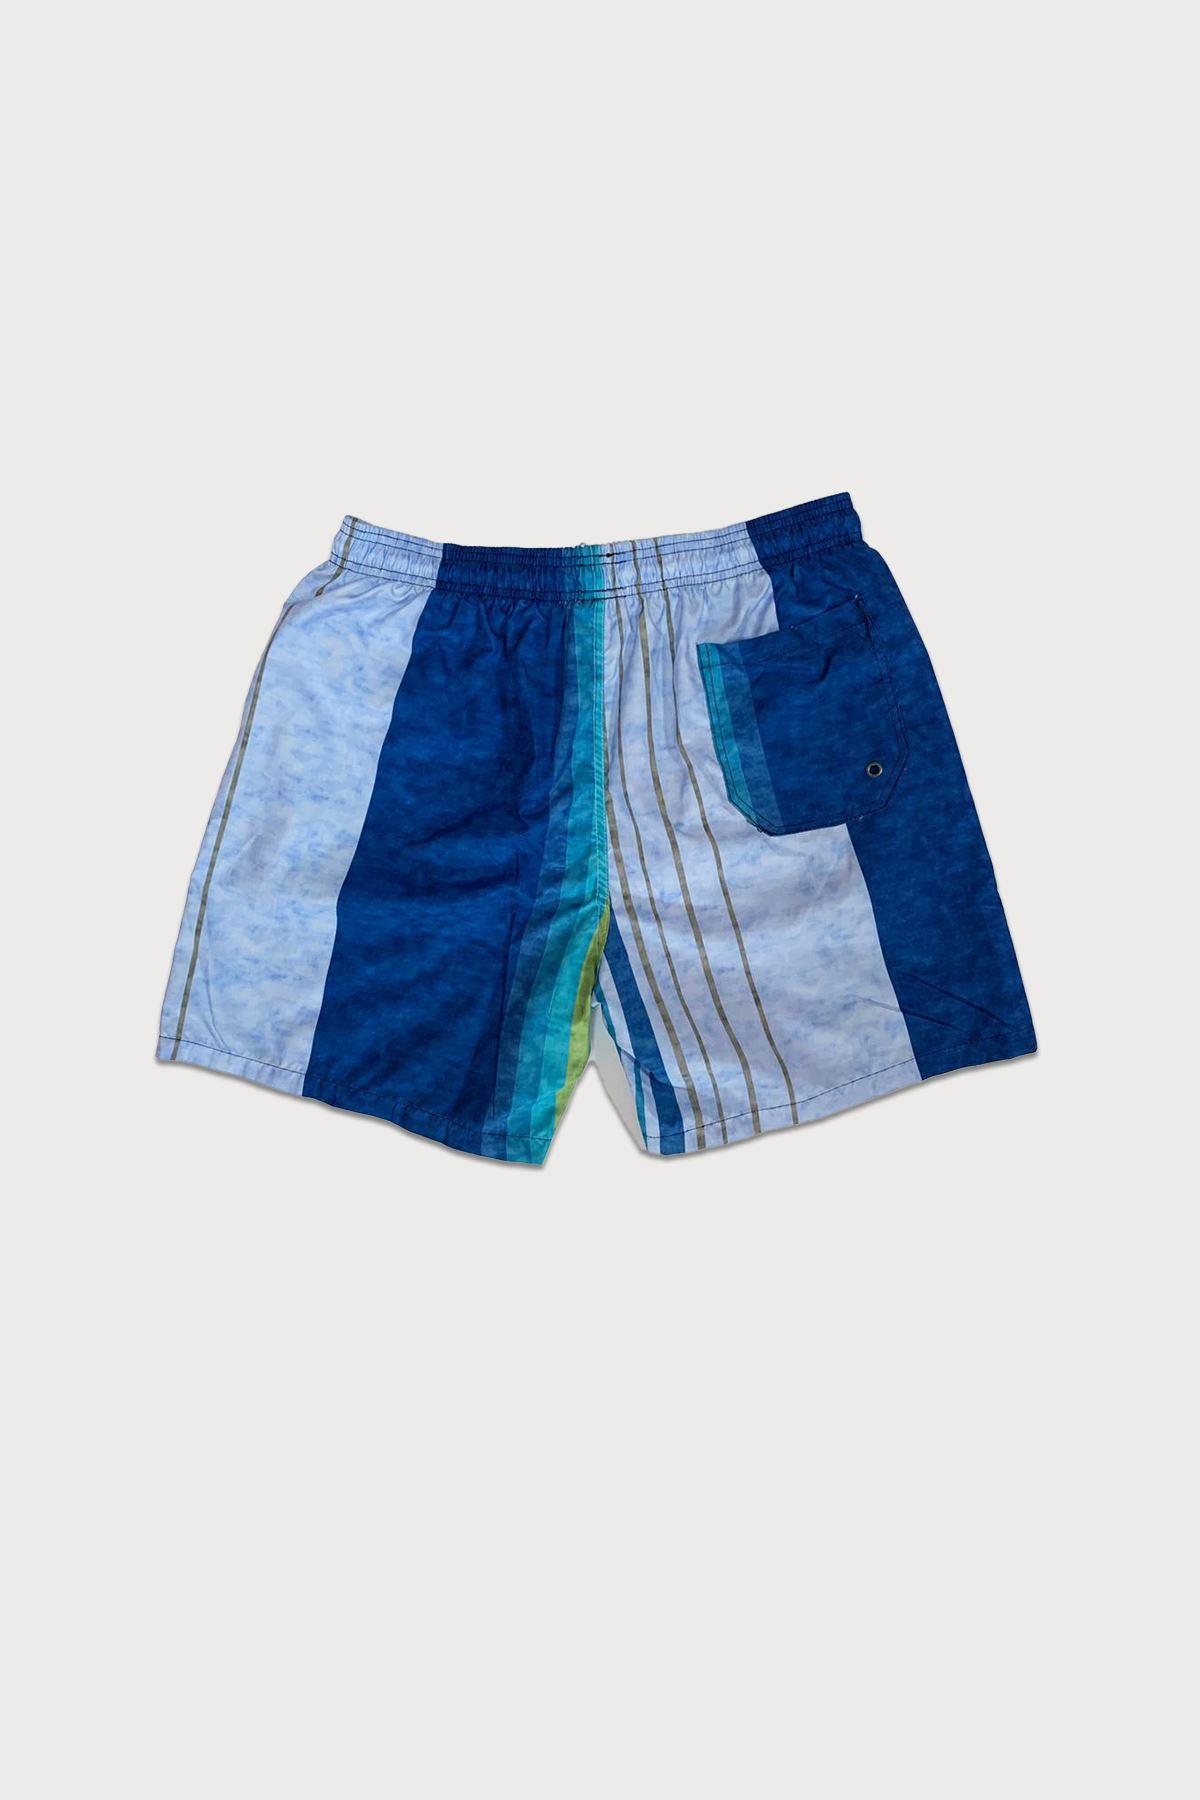 Malabadi Erkek Mavi Yeşil Çizgili Deniz Şortu MLB581